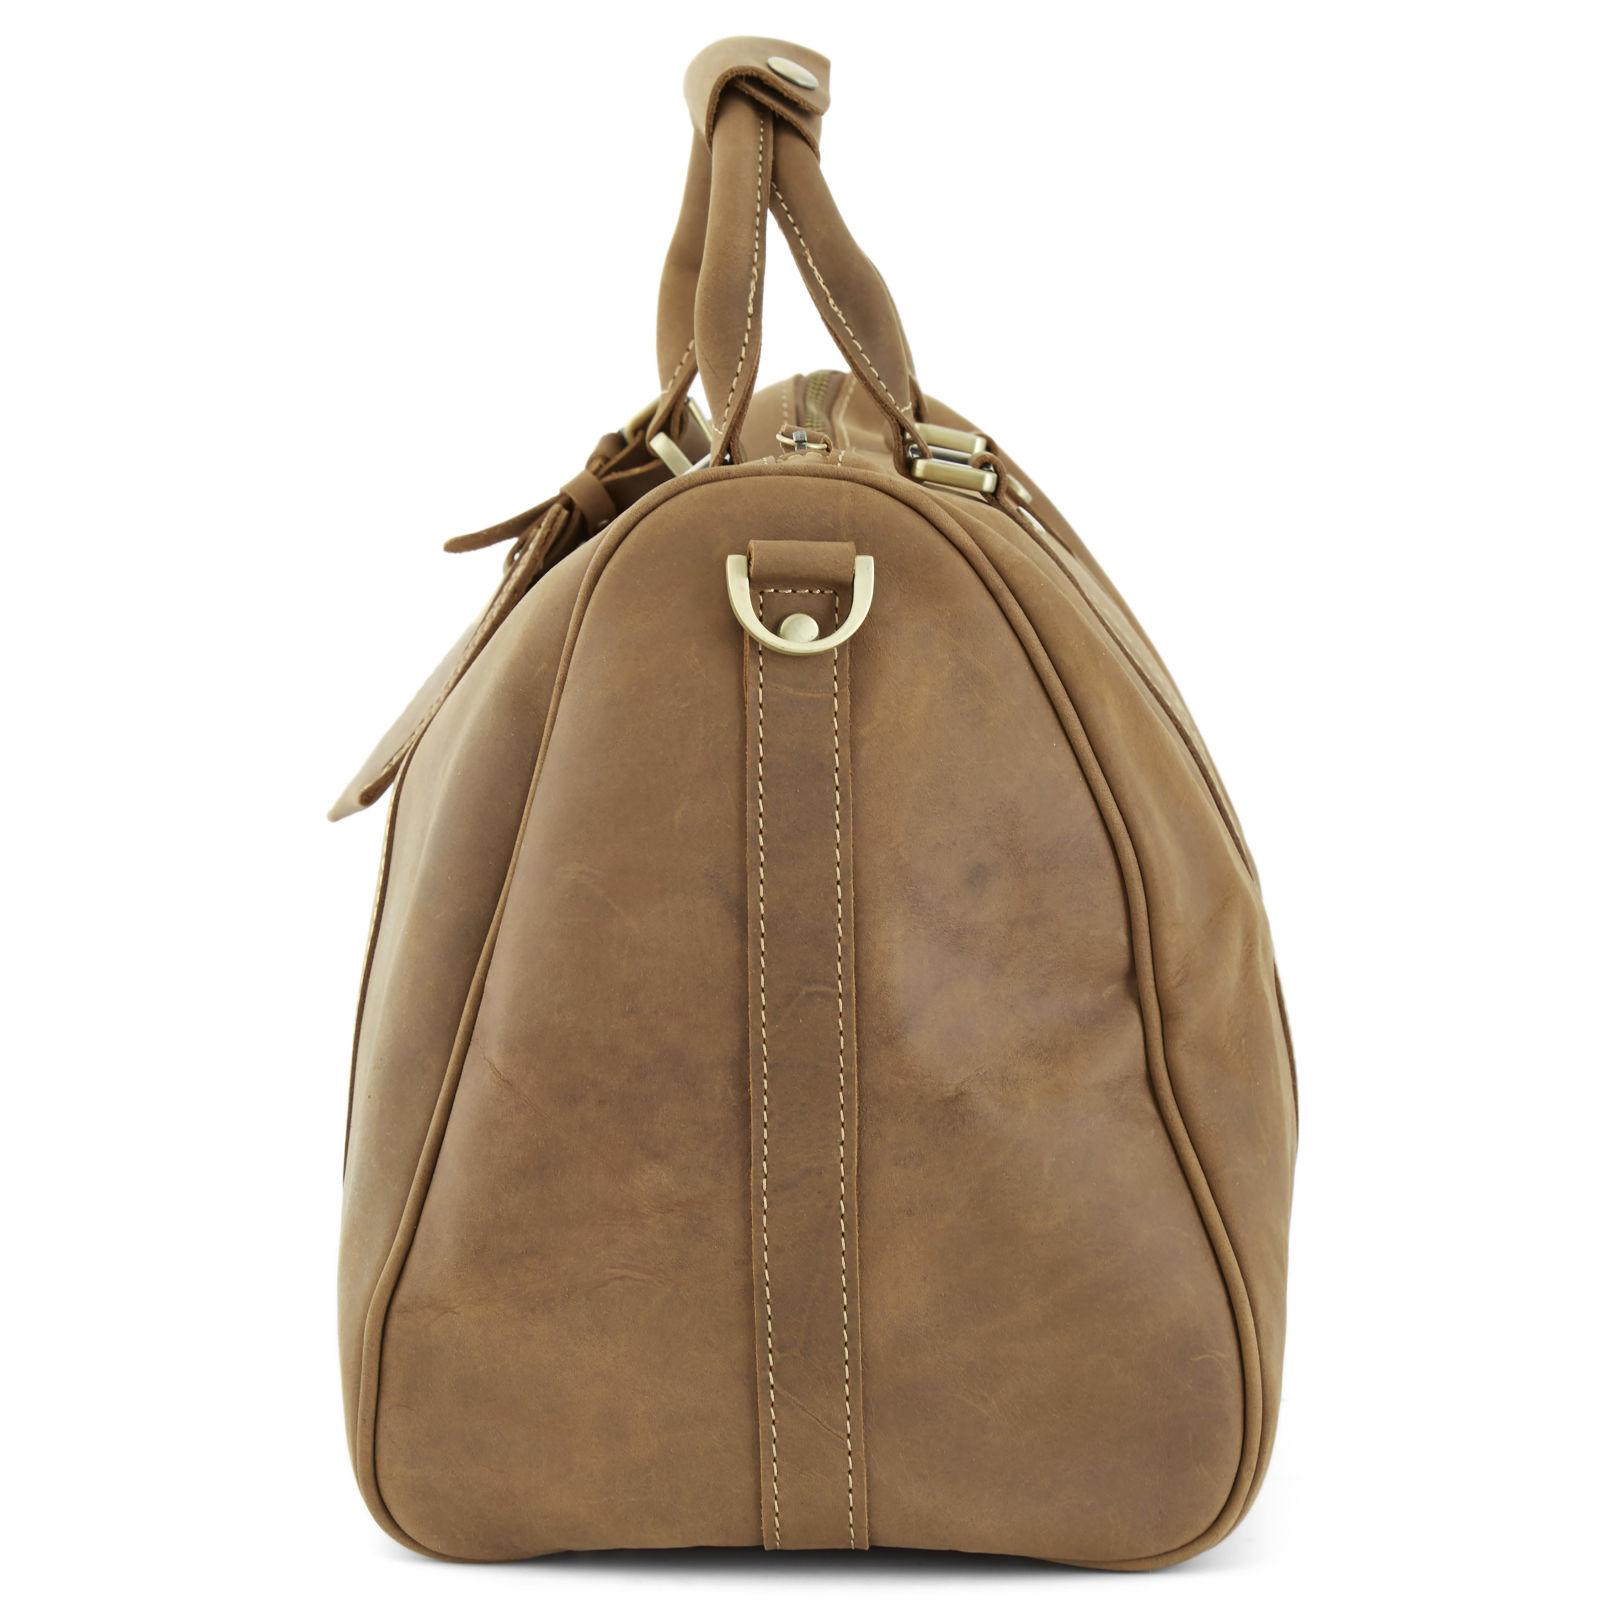 Καφέ Δερμάτινη Τσάντα Ταξιδιού Executive  806c7821d5a